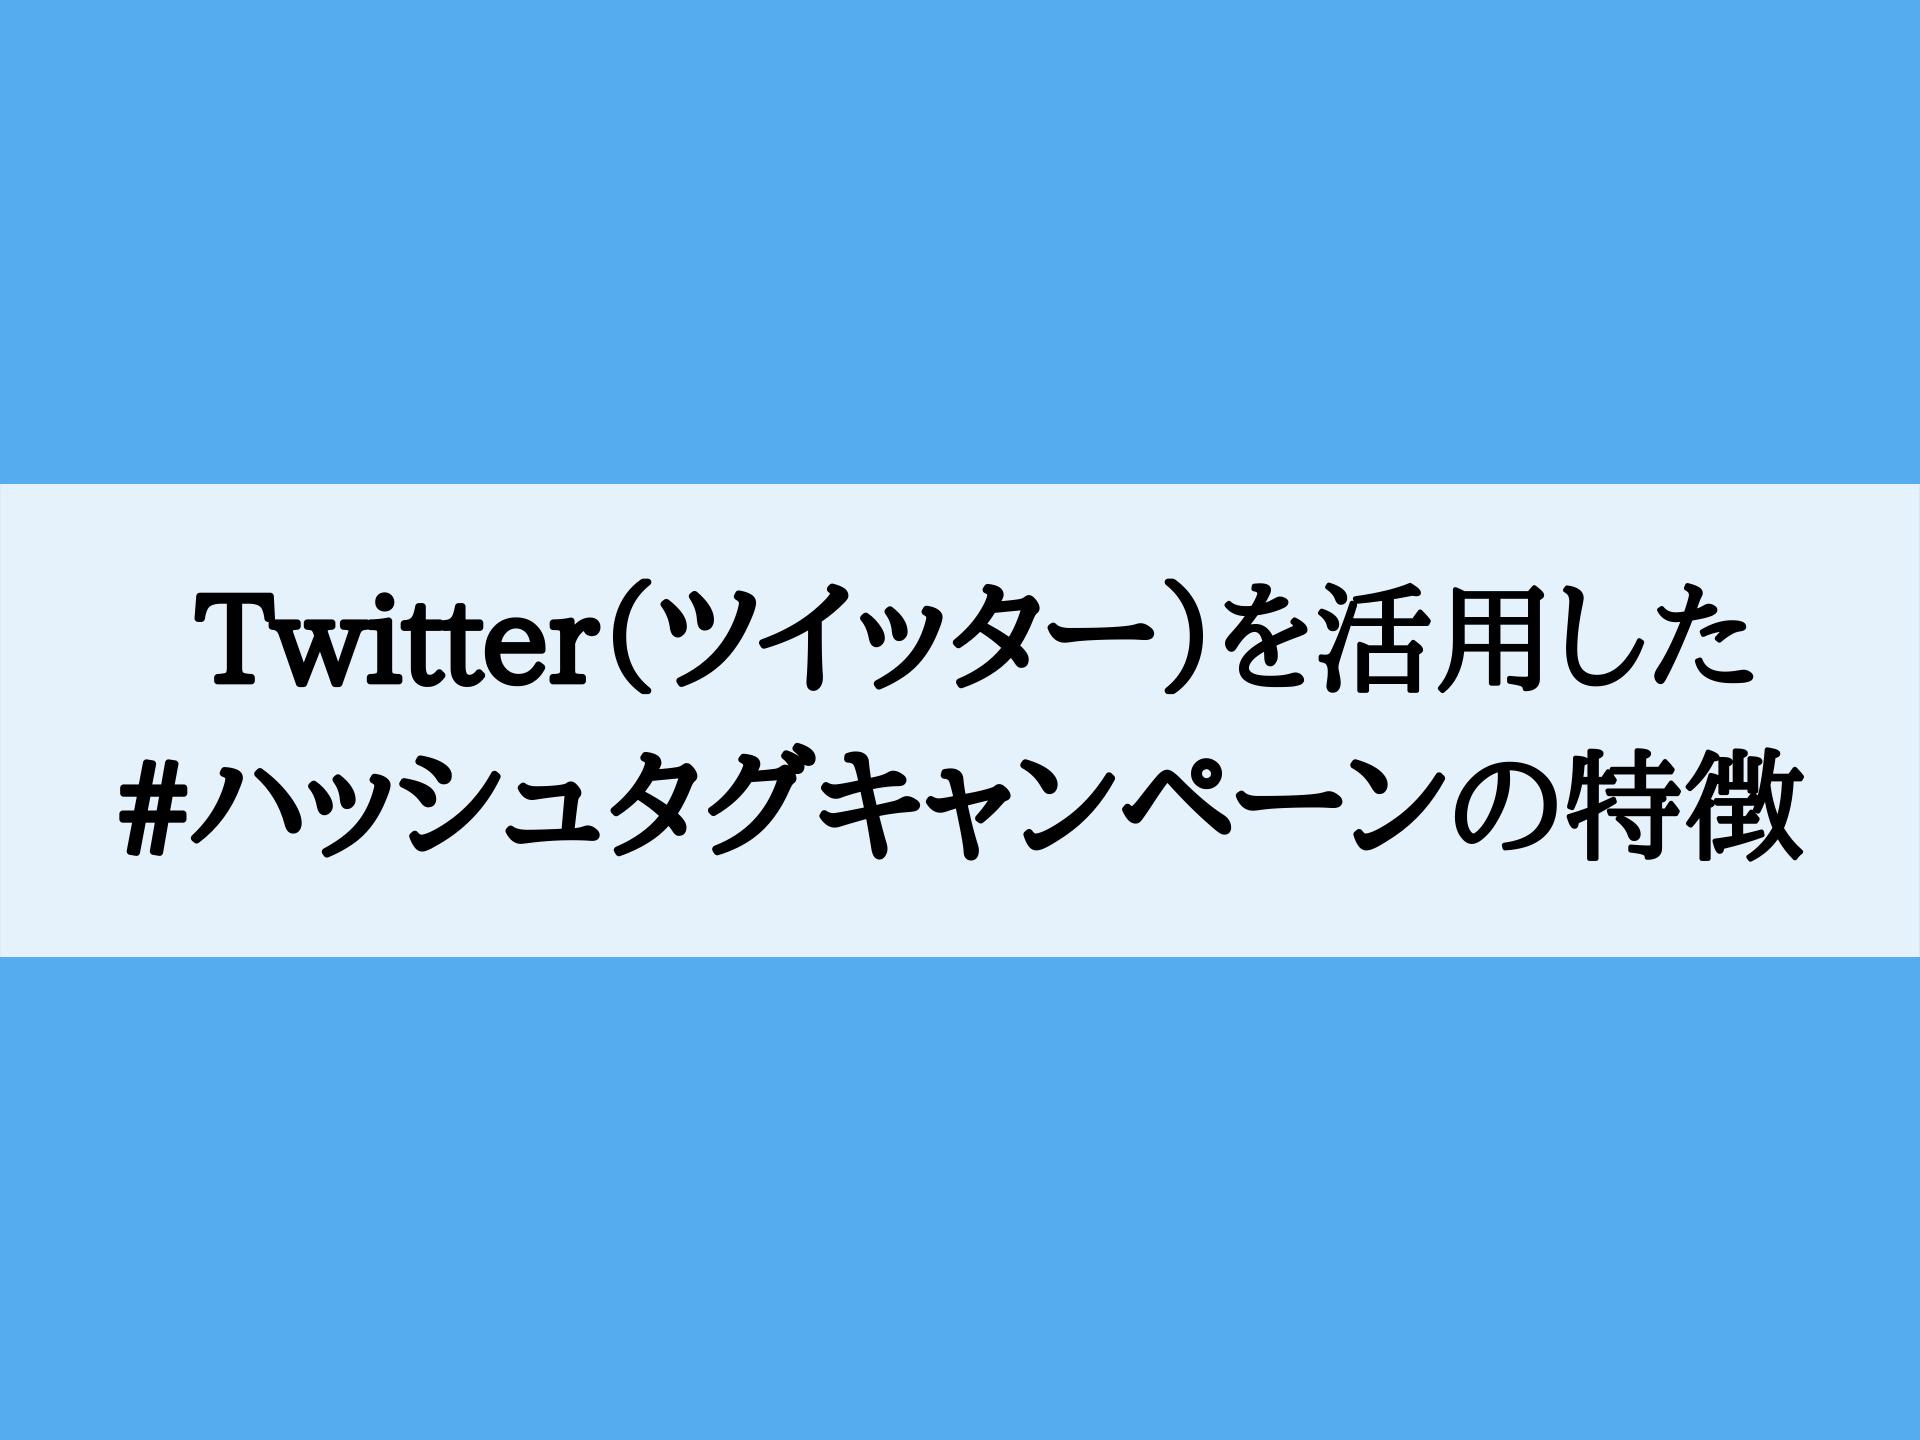 Twitter( ツイッター)を活用したハッシュタグキャンペーンの特徴は?